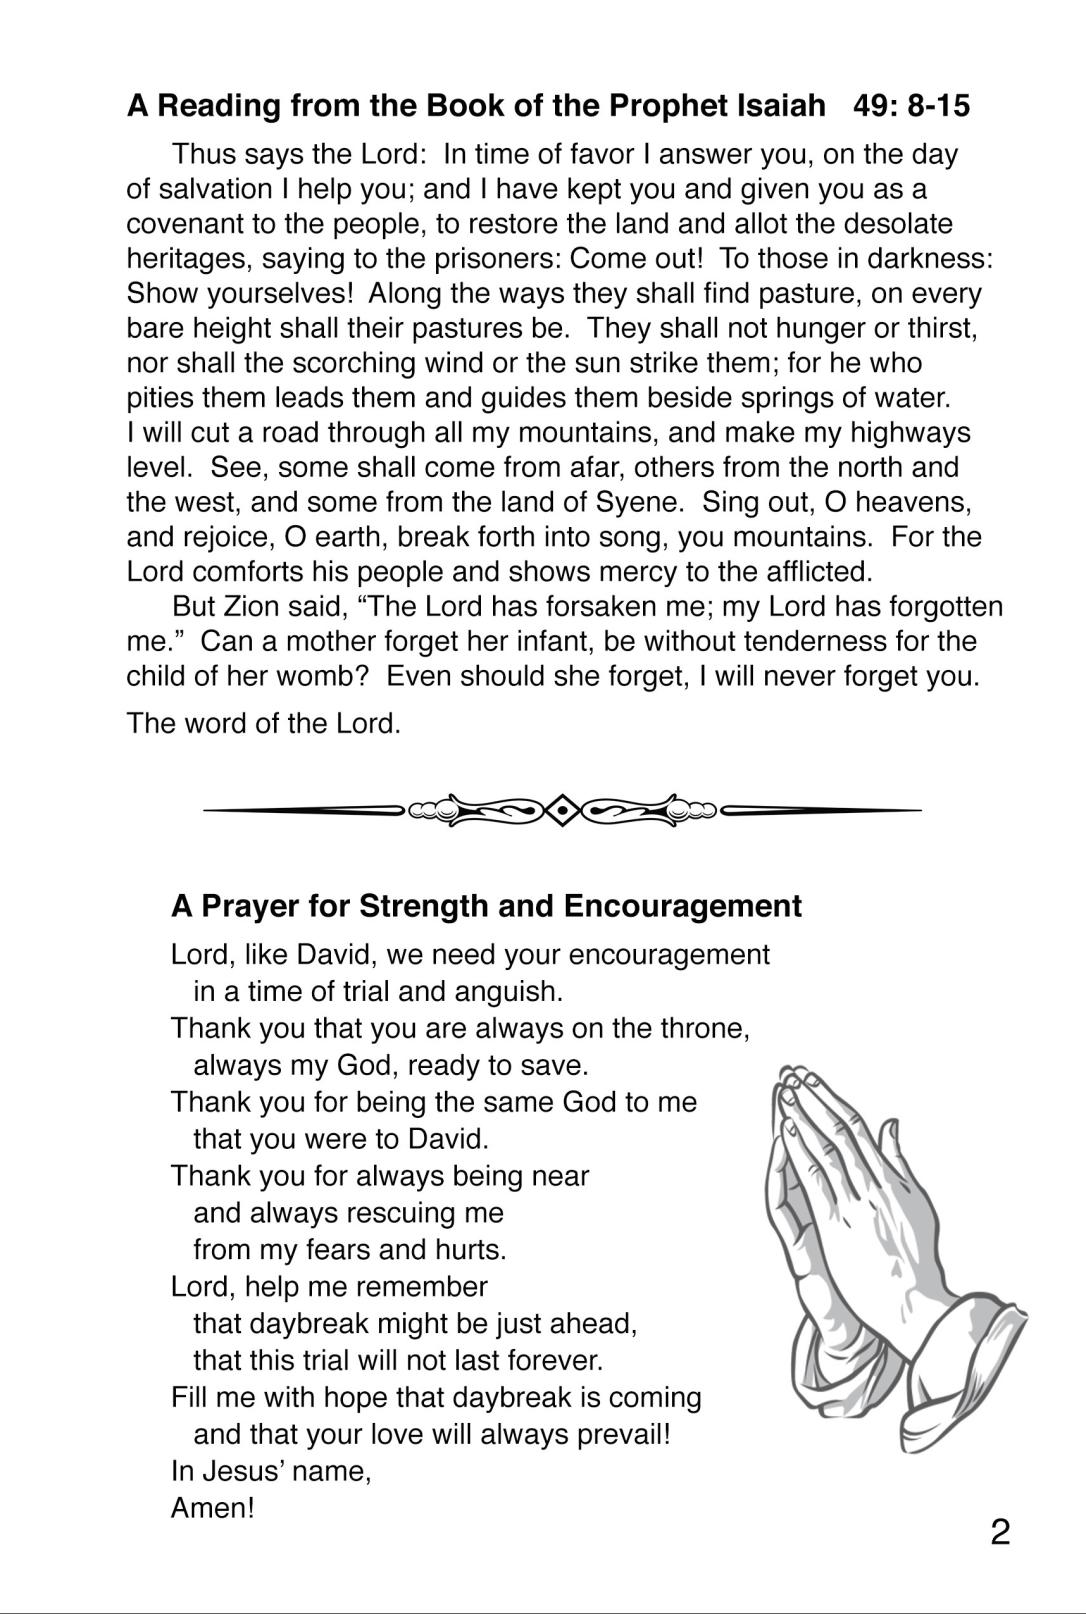 p2 3-13-18 copy